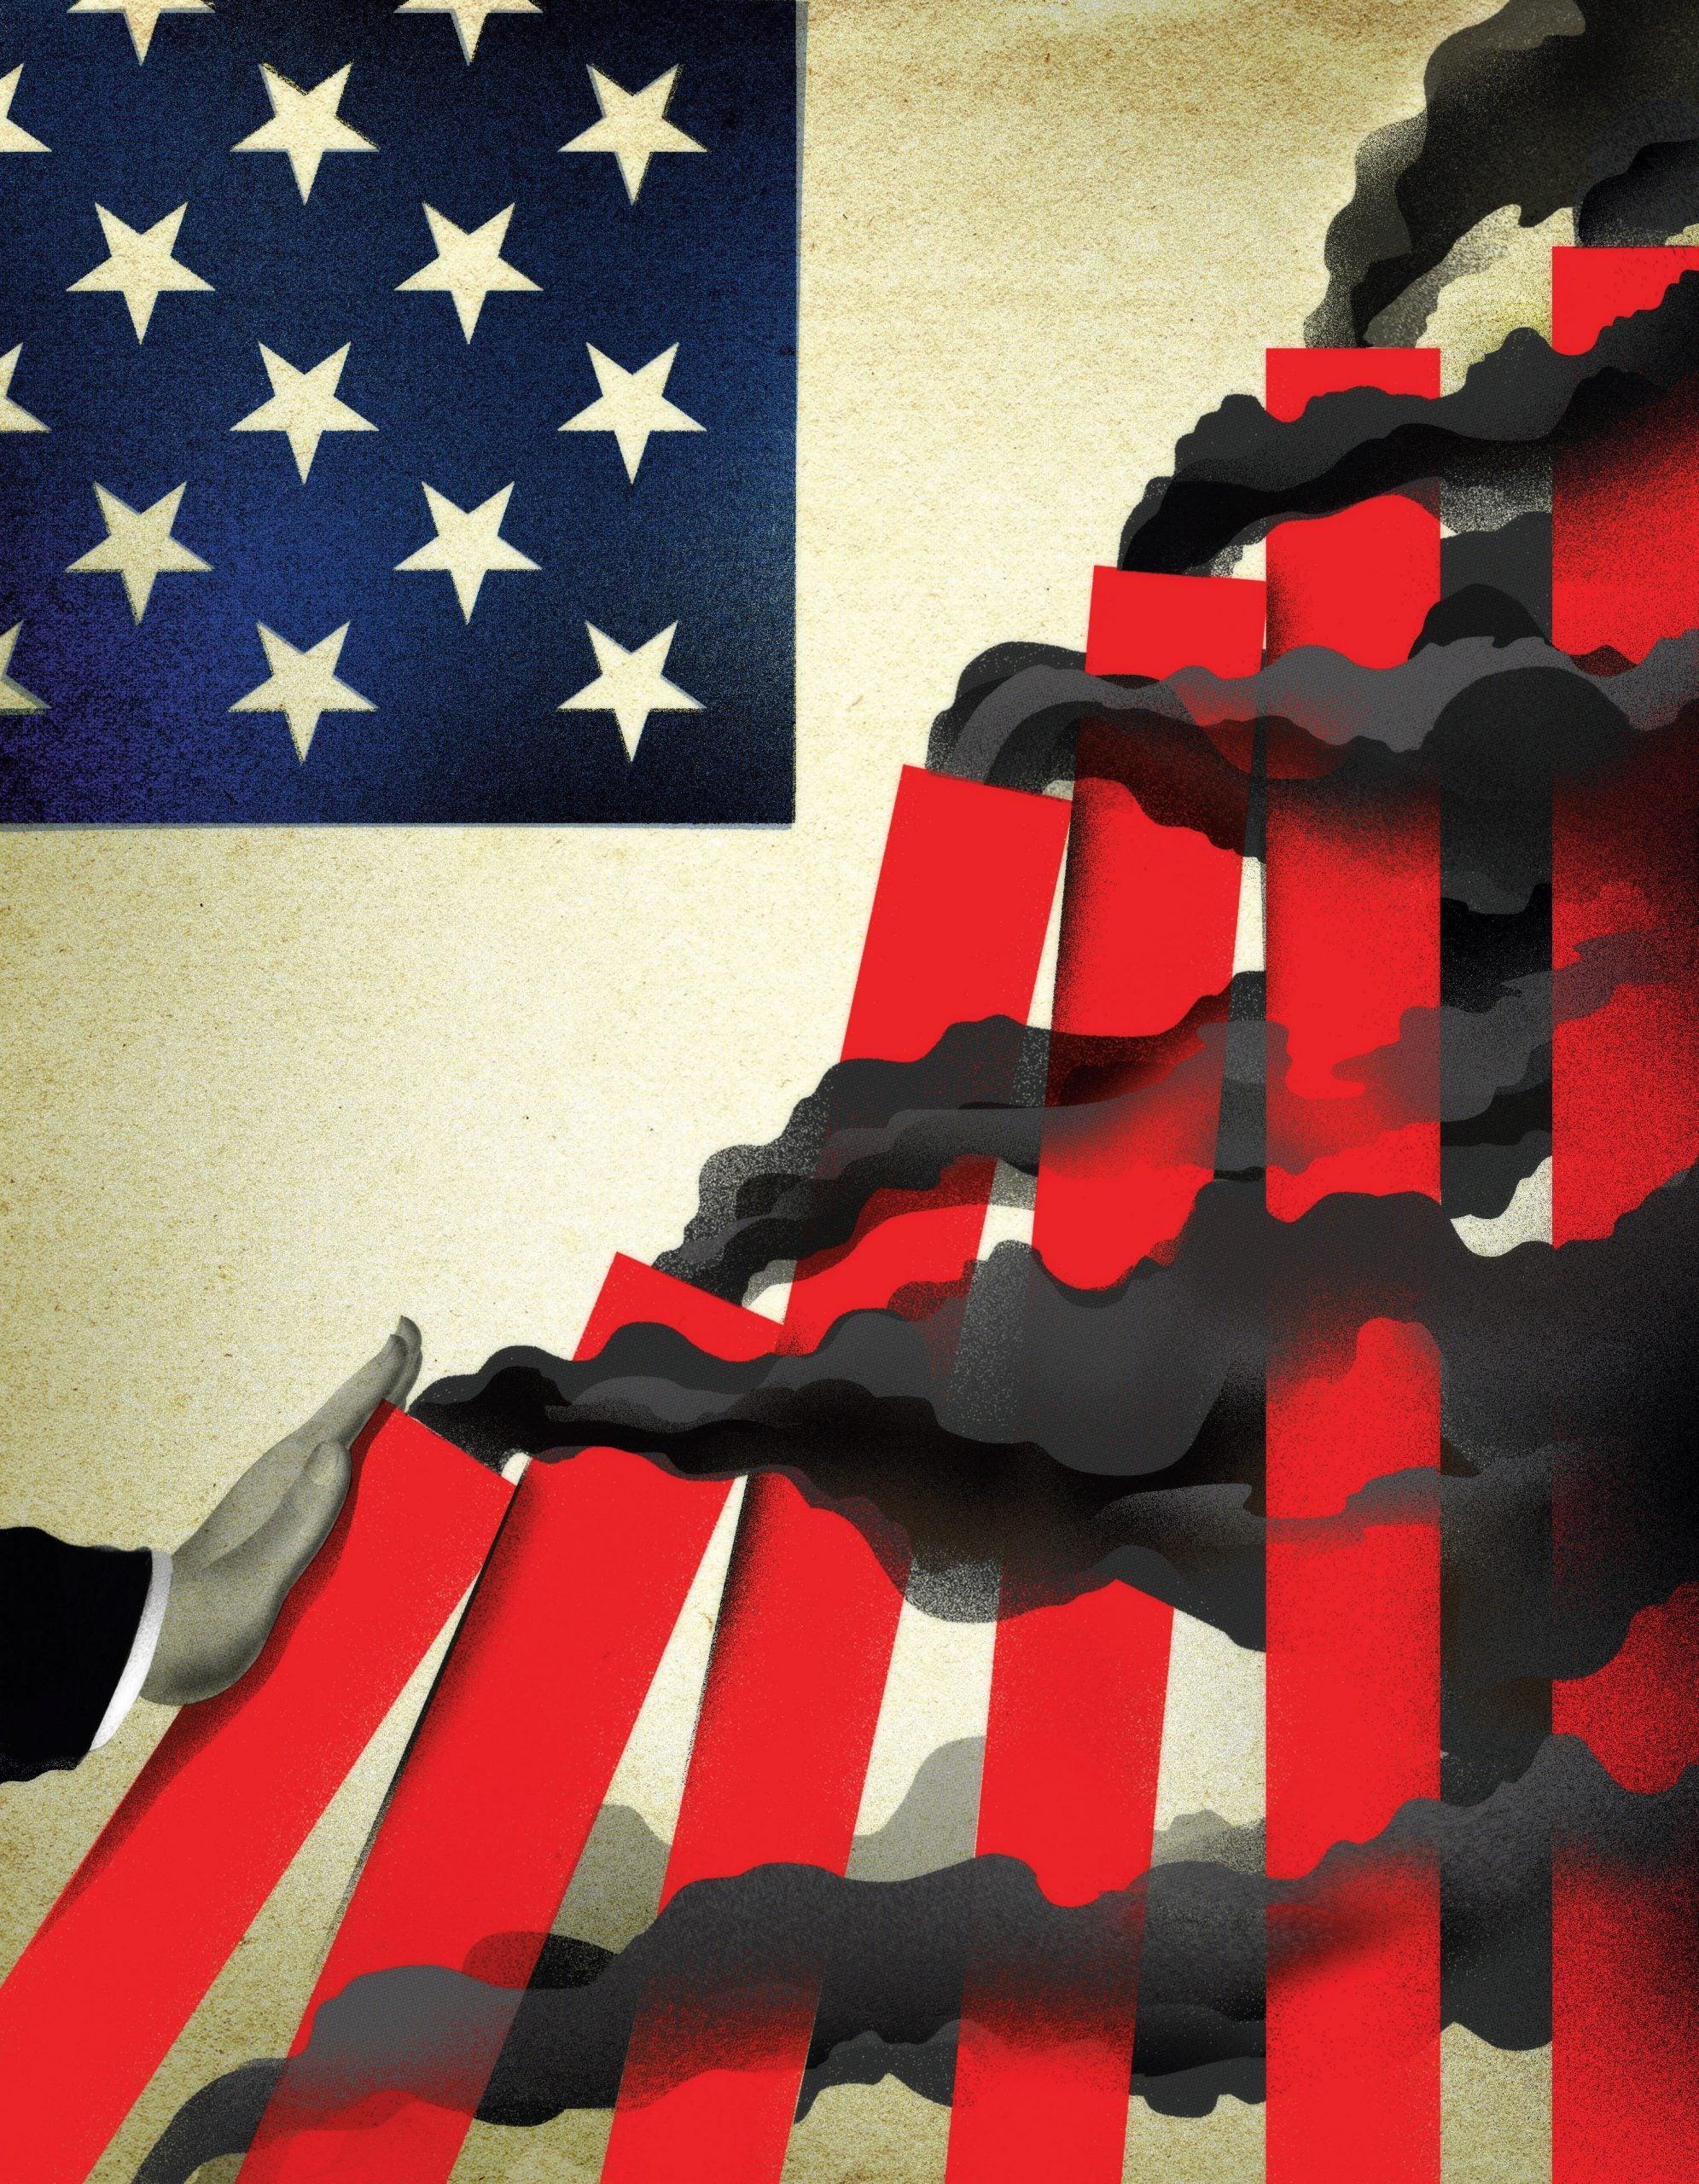 America's race to net zero